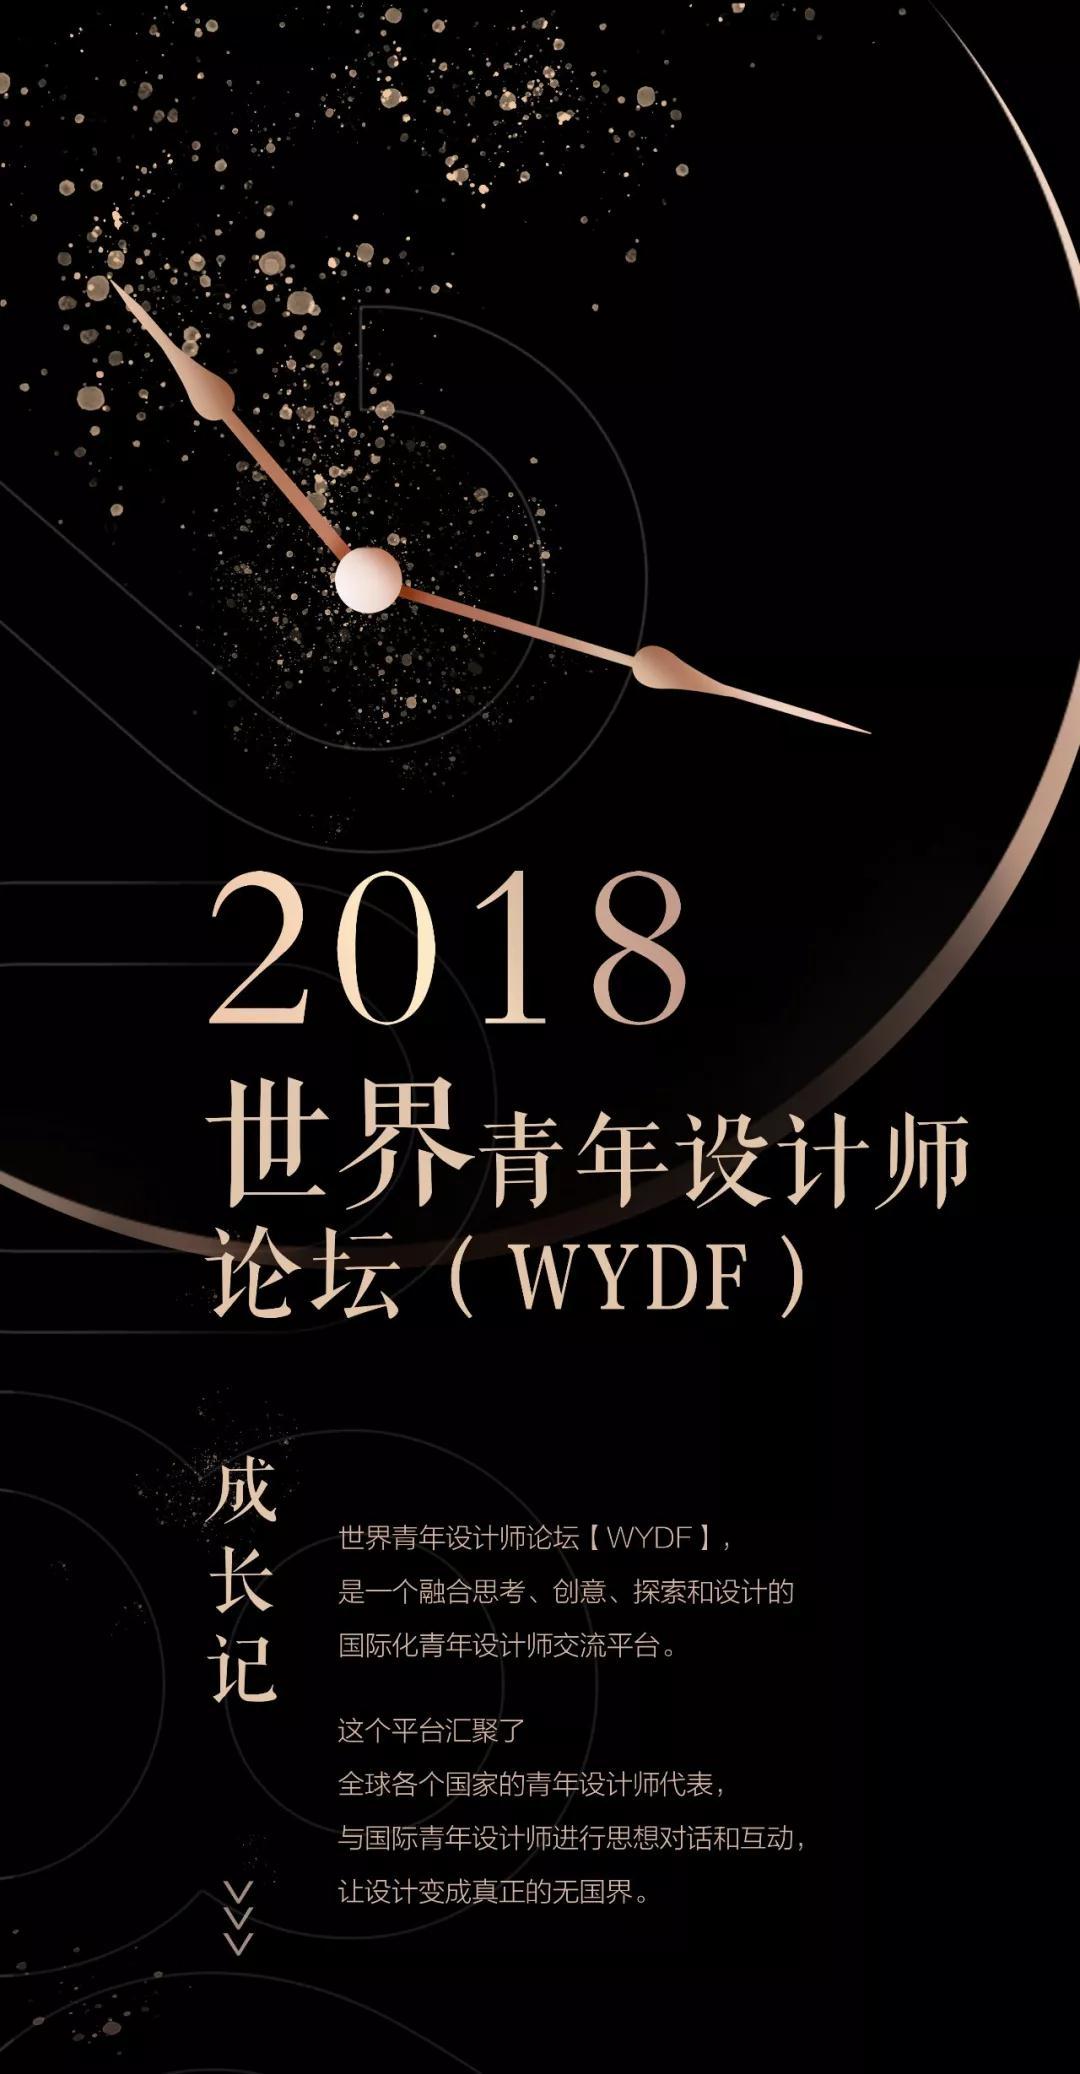 世界青年设计师论坛(WYDF)2018年度终极回顾!